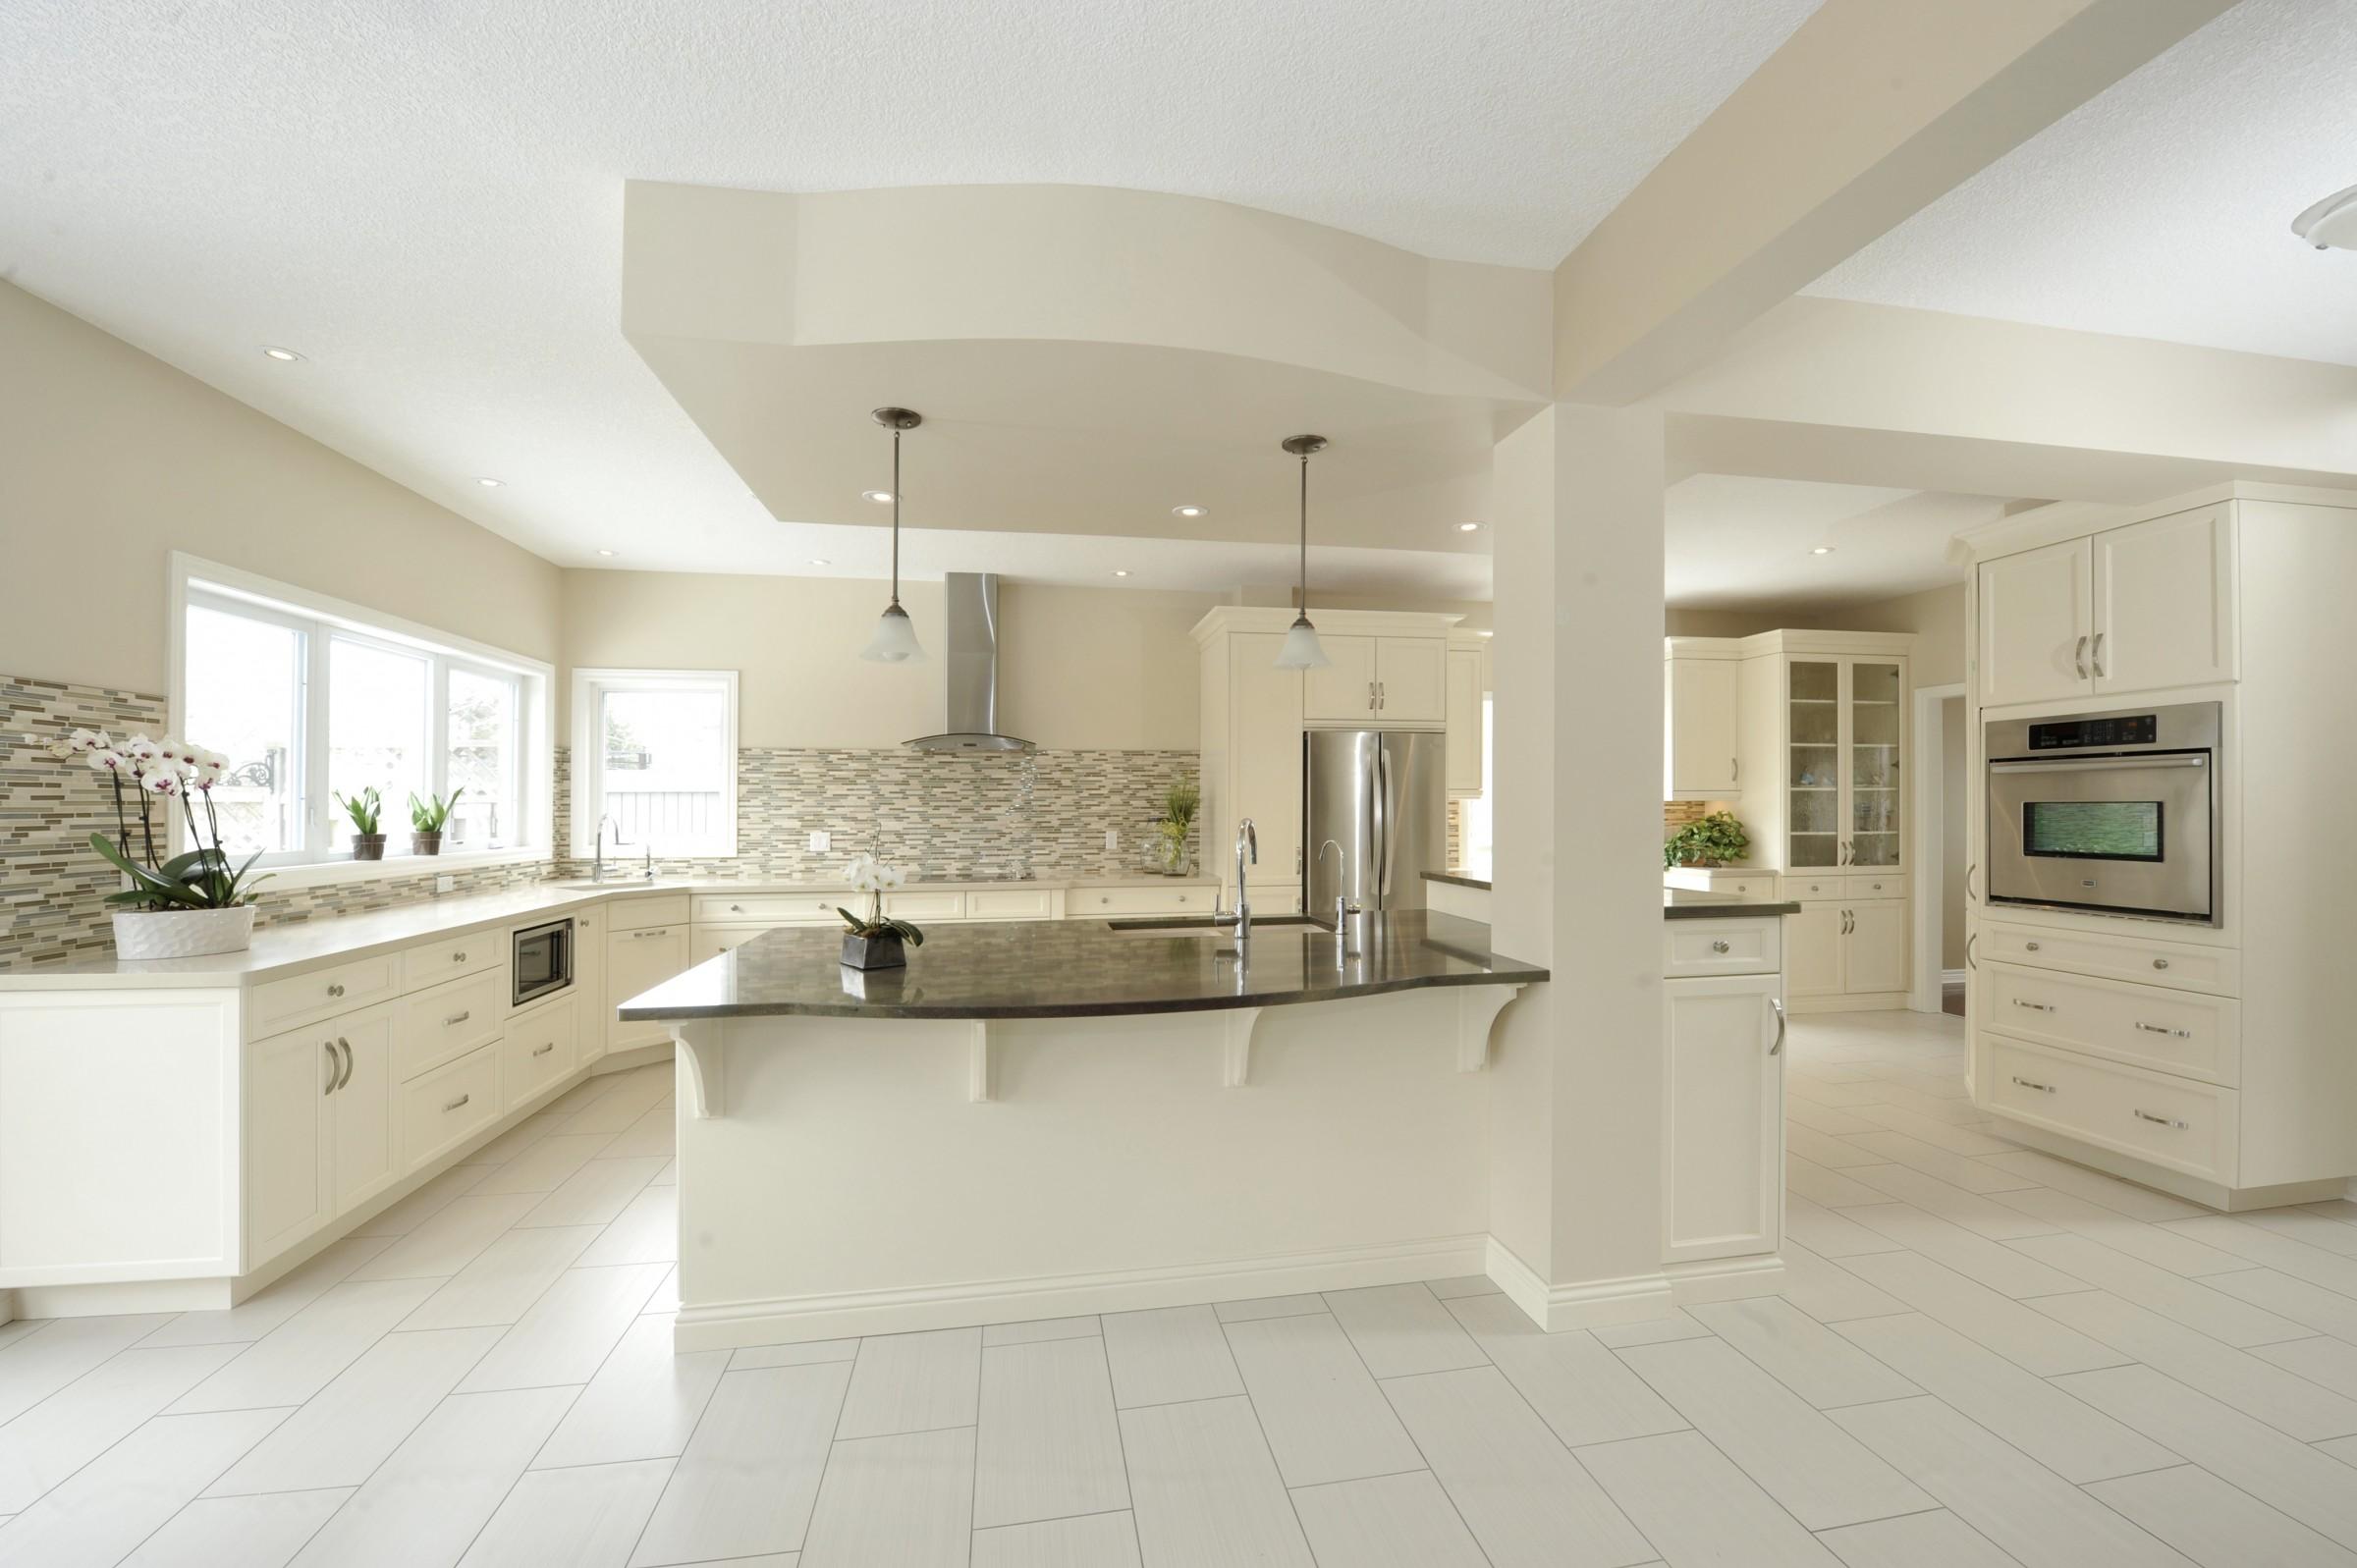 Round kitchen island sims 4 kitchen design tumblr for Floor decor reno